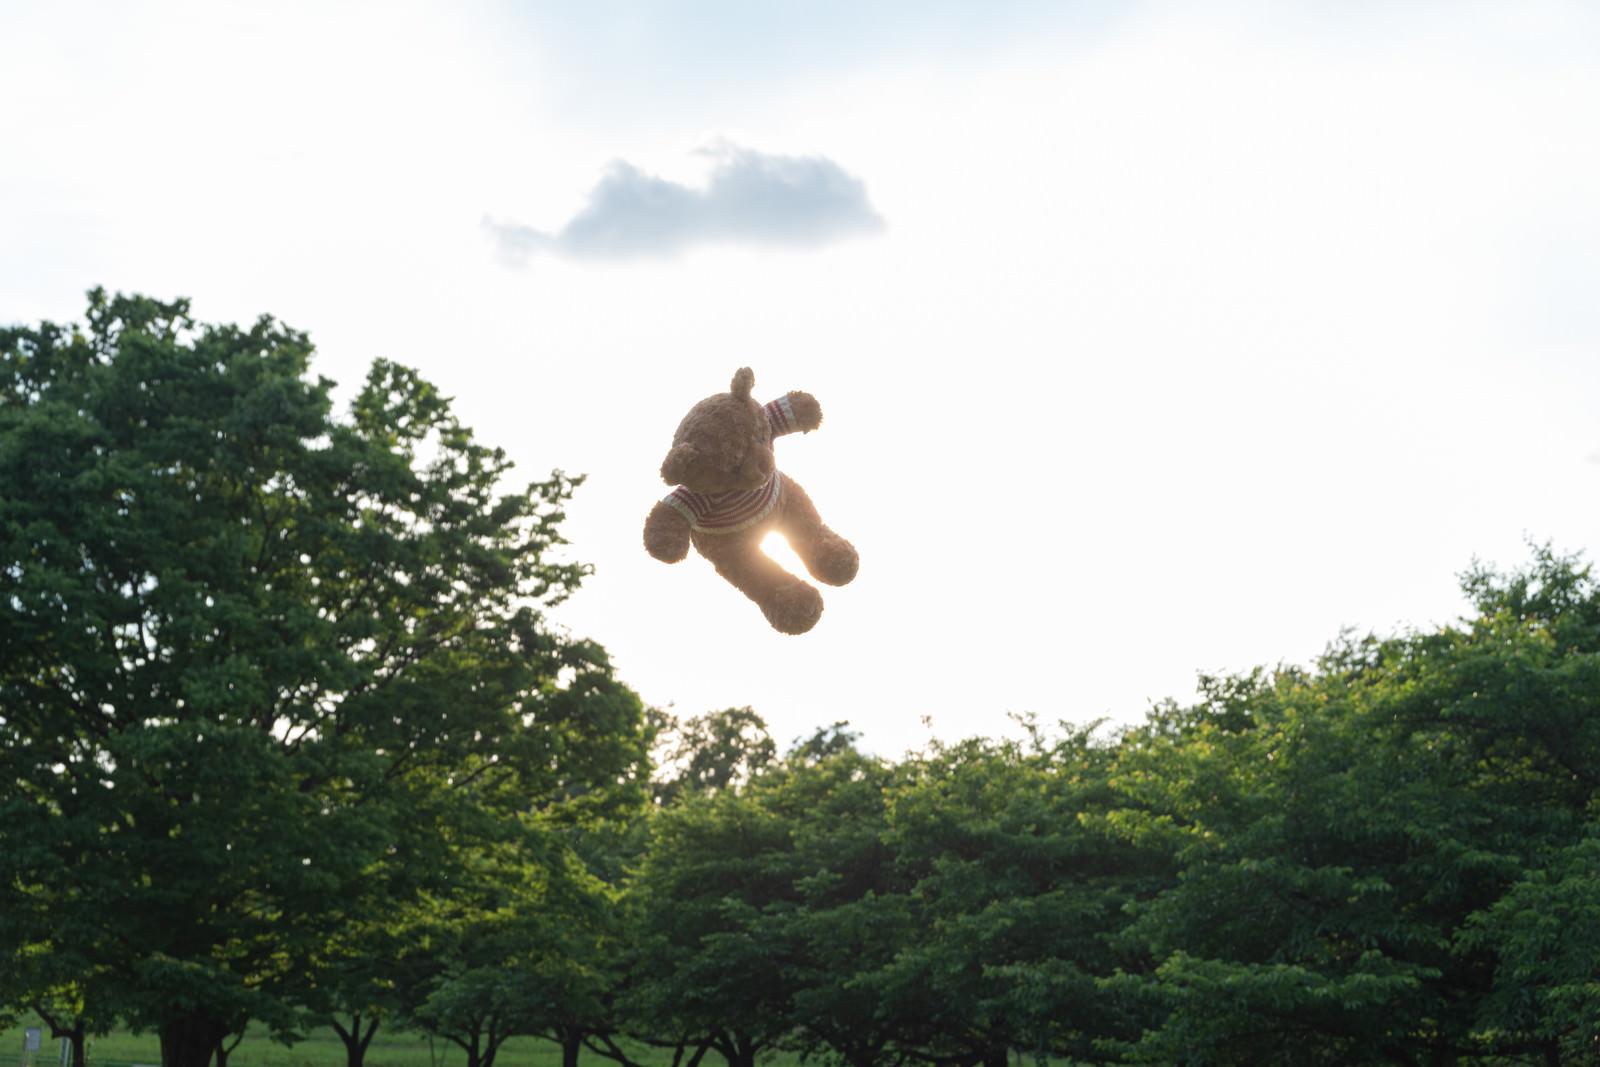 「空中クマ」の写真